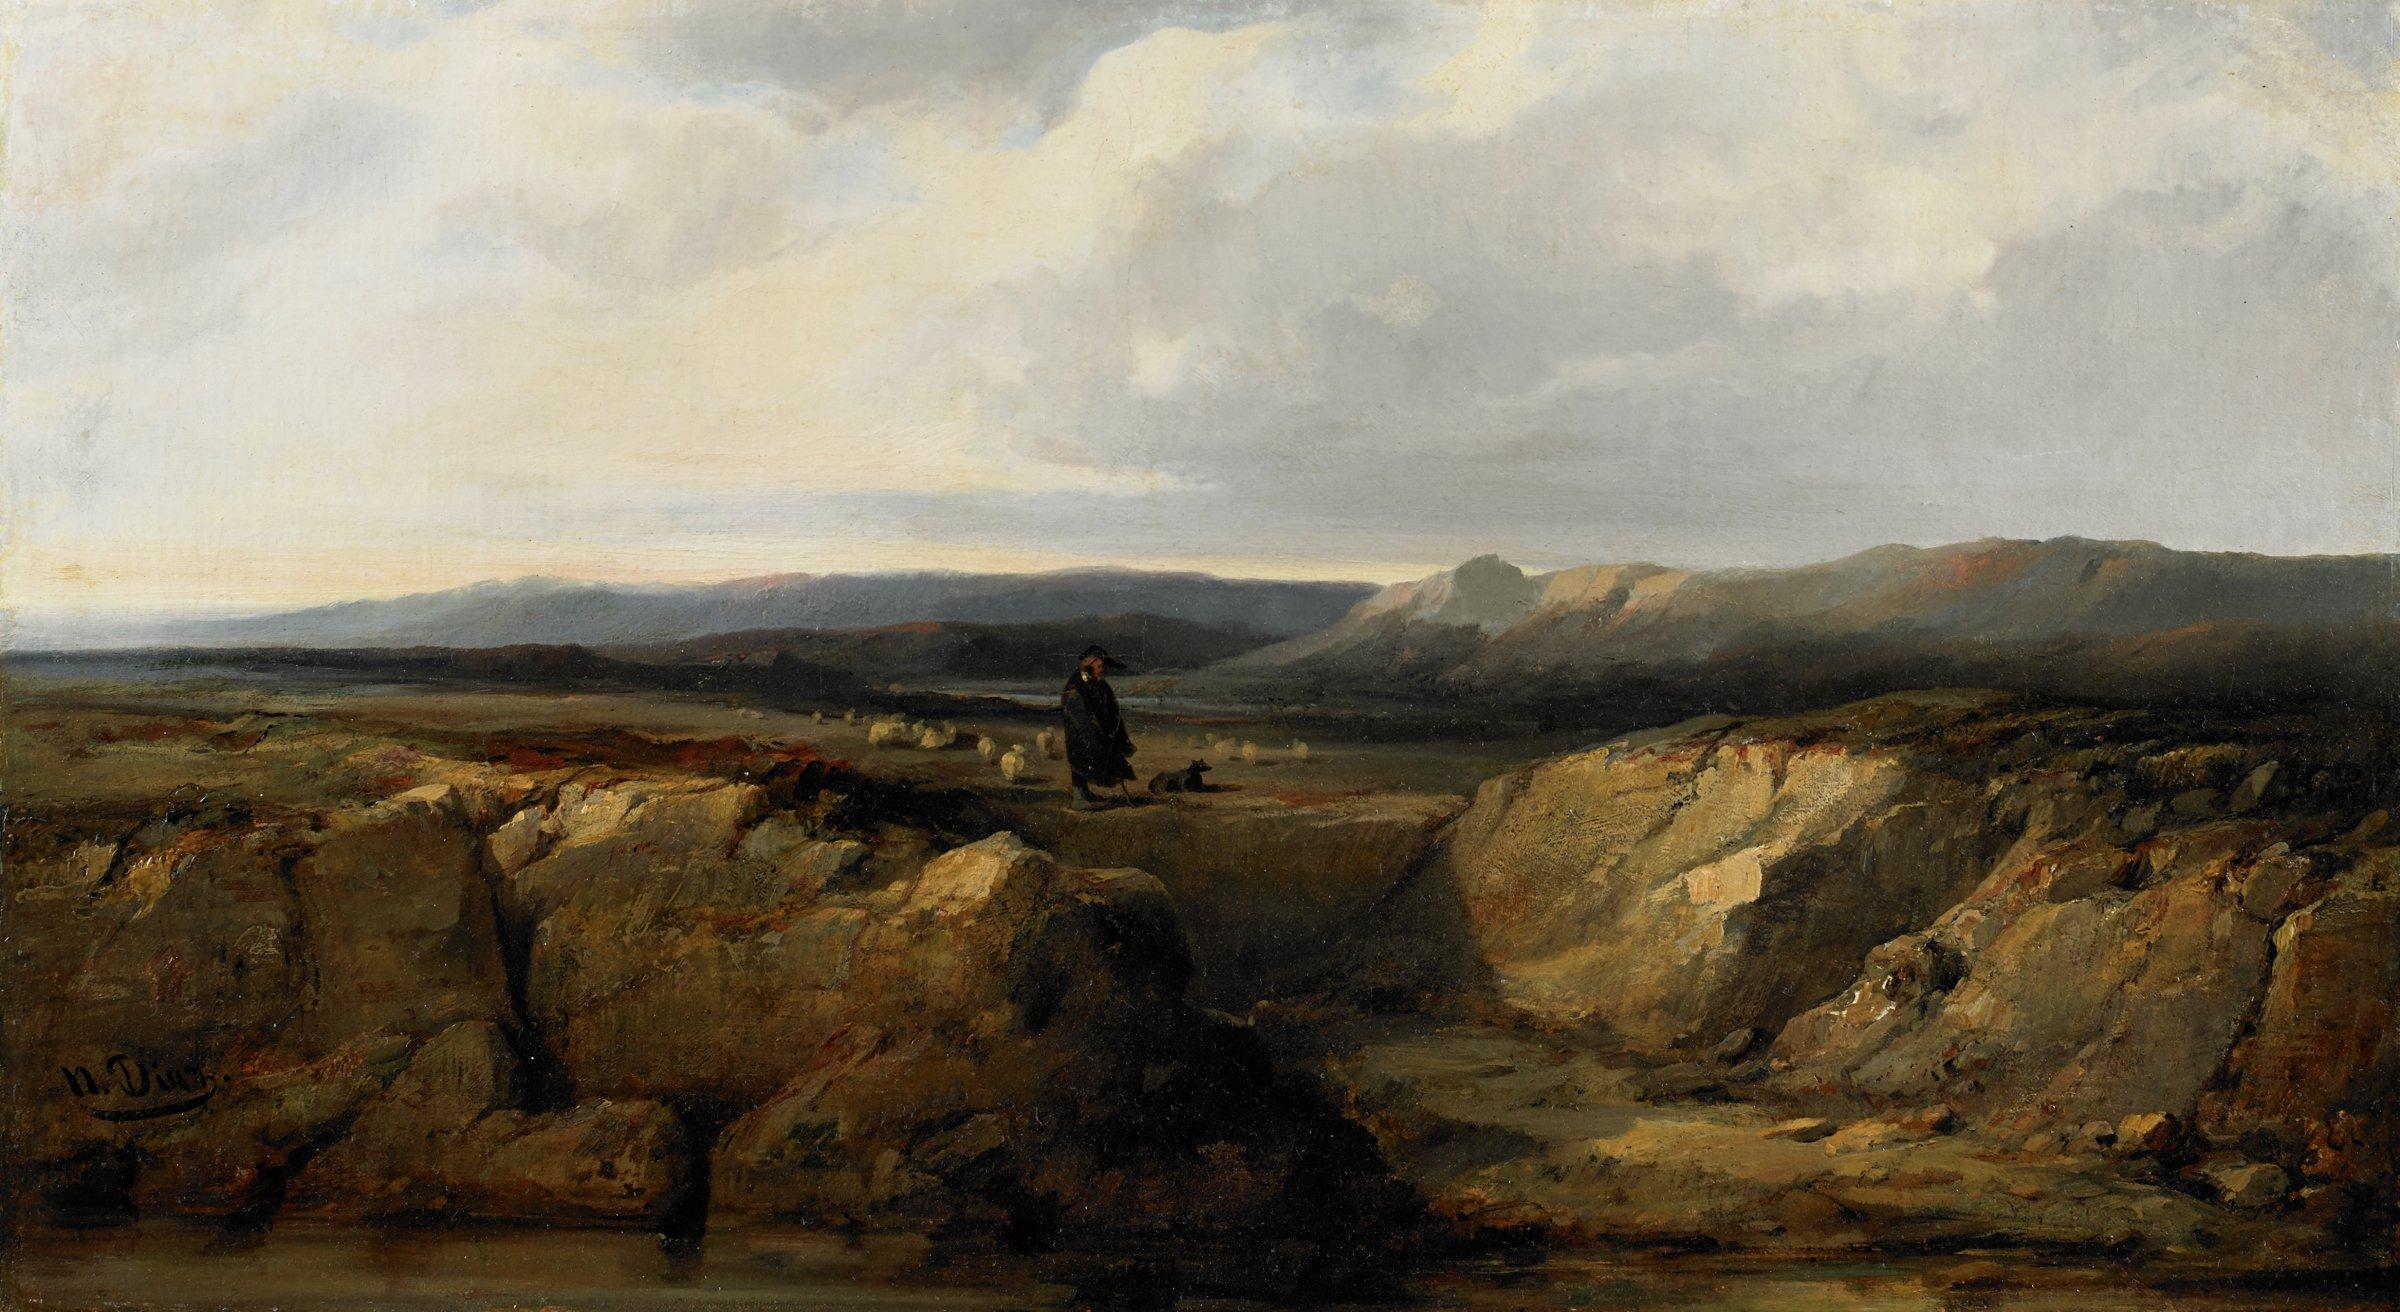 The Shepherd and his Flock, Narcisse Virgile Diaz de la Peña, oil on canvas